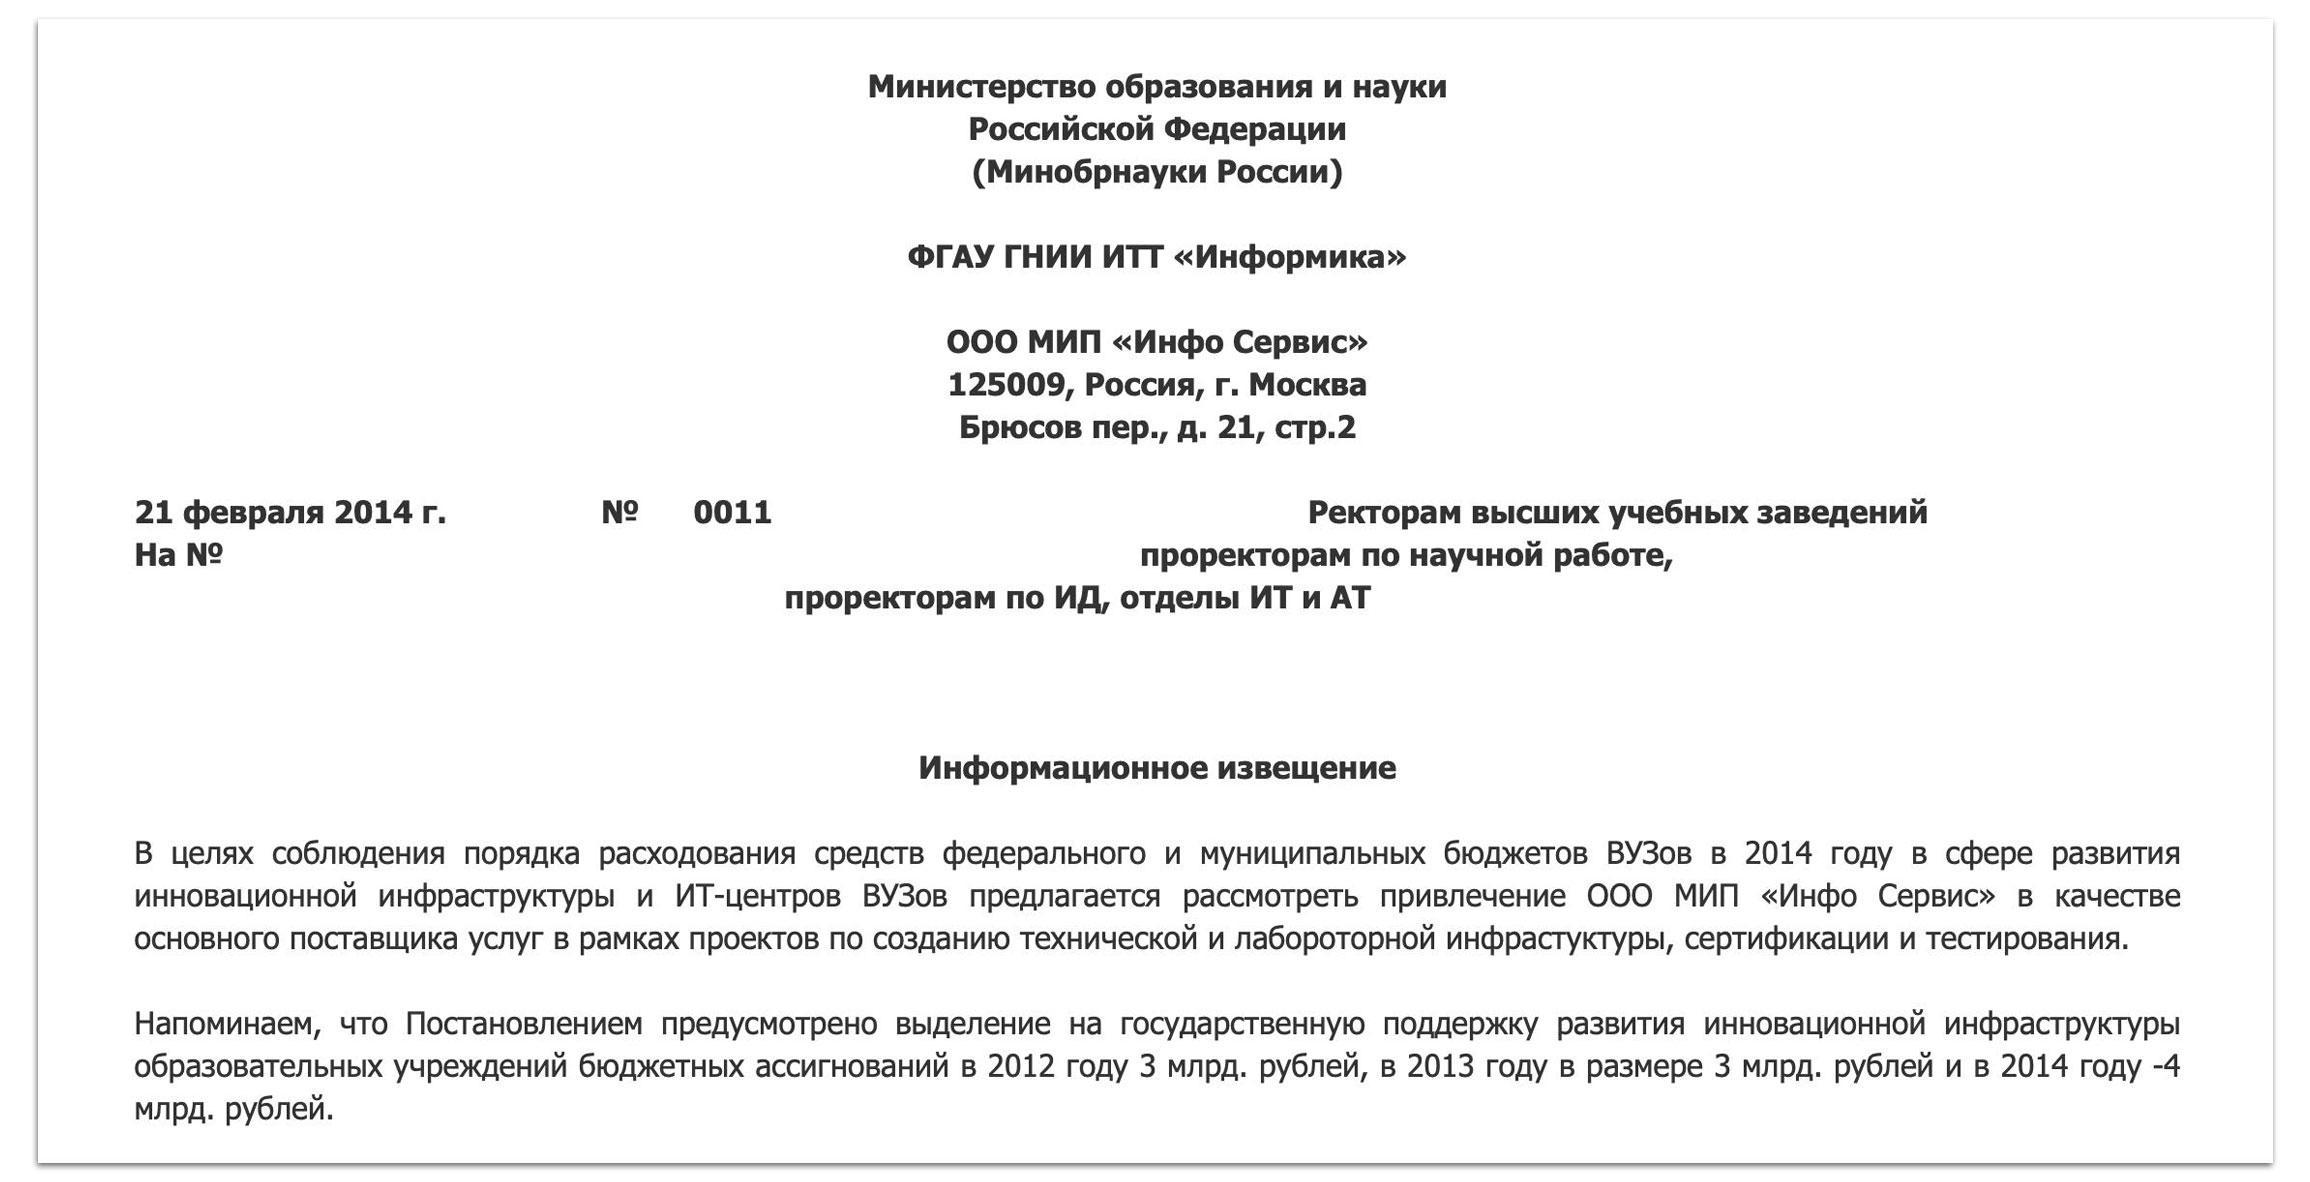 """Письмо от компании """"Информика-сервис"""" в вузы. Фото © CNews"""